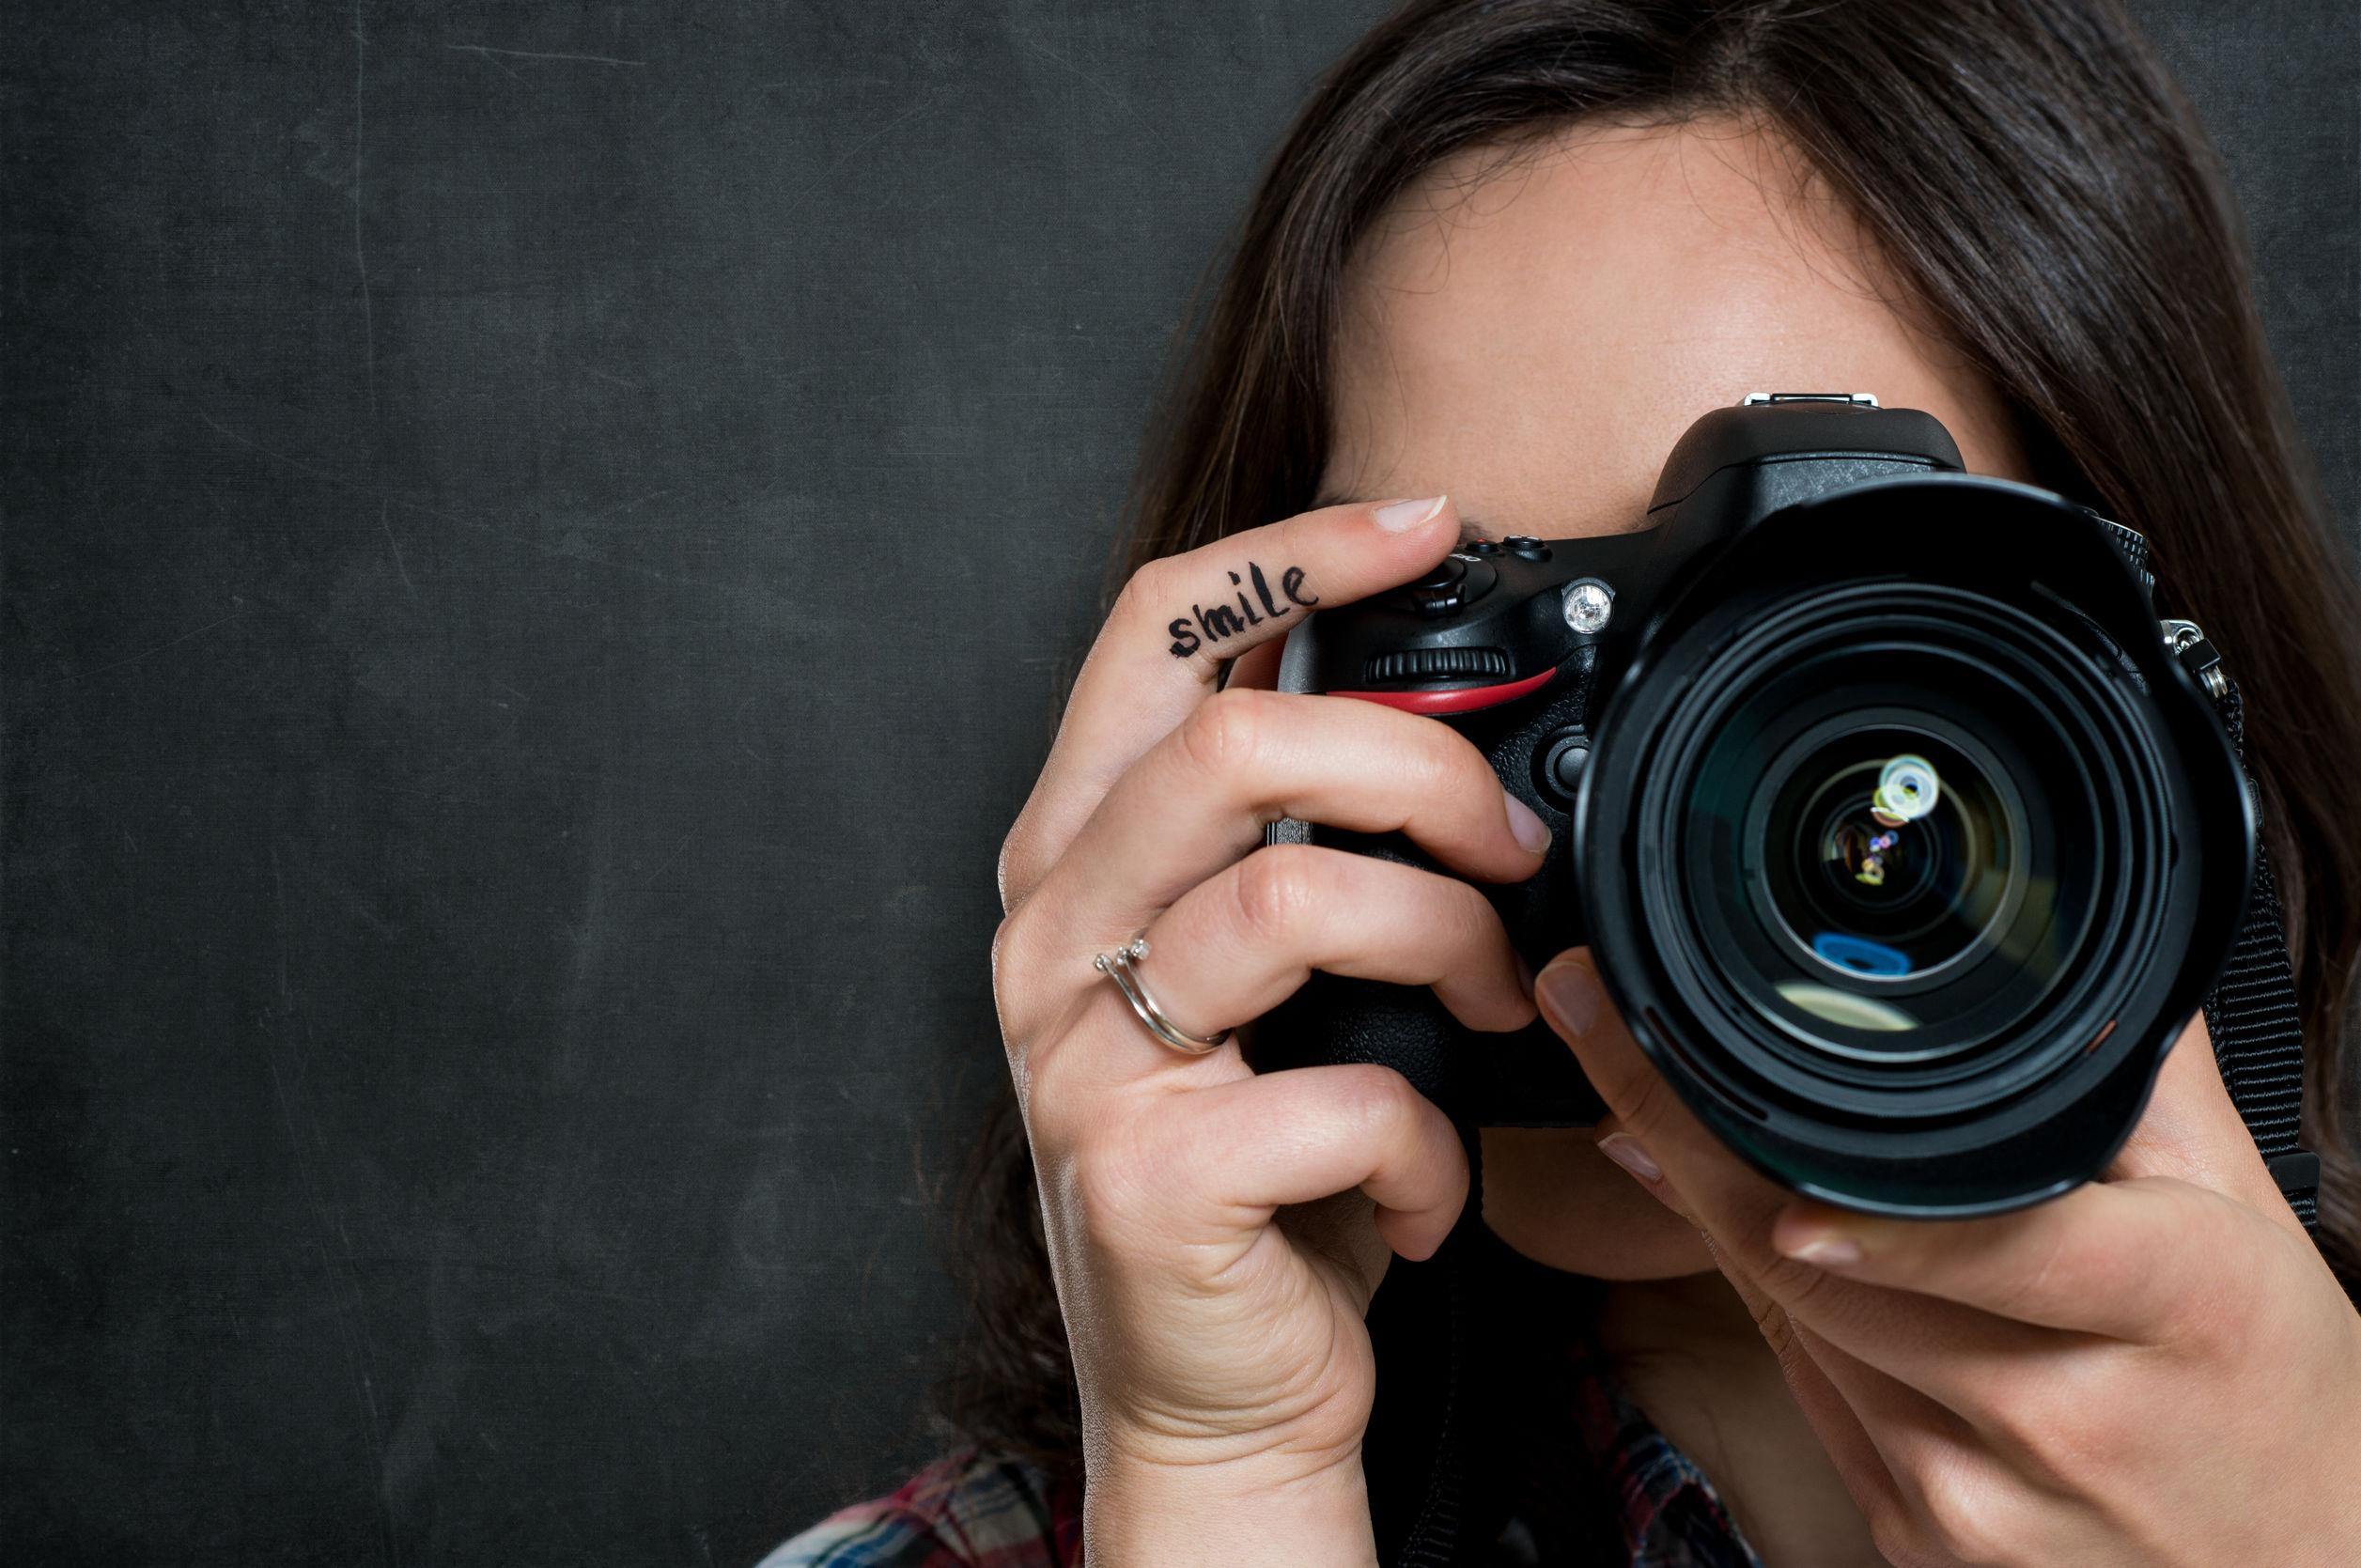 Miglior fotocamera mirrorless 2020: Guida all'acquisto